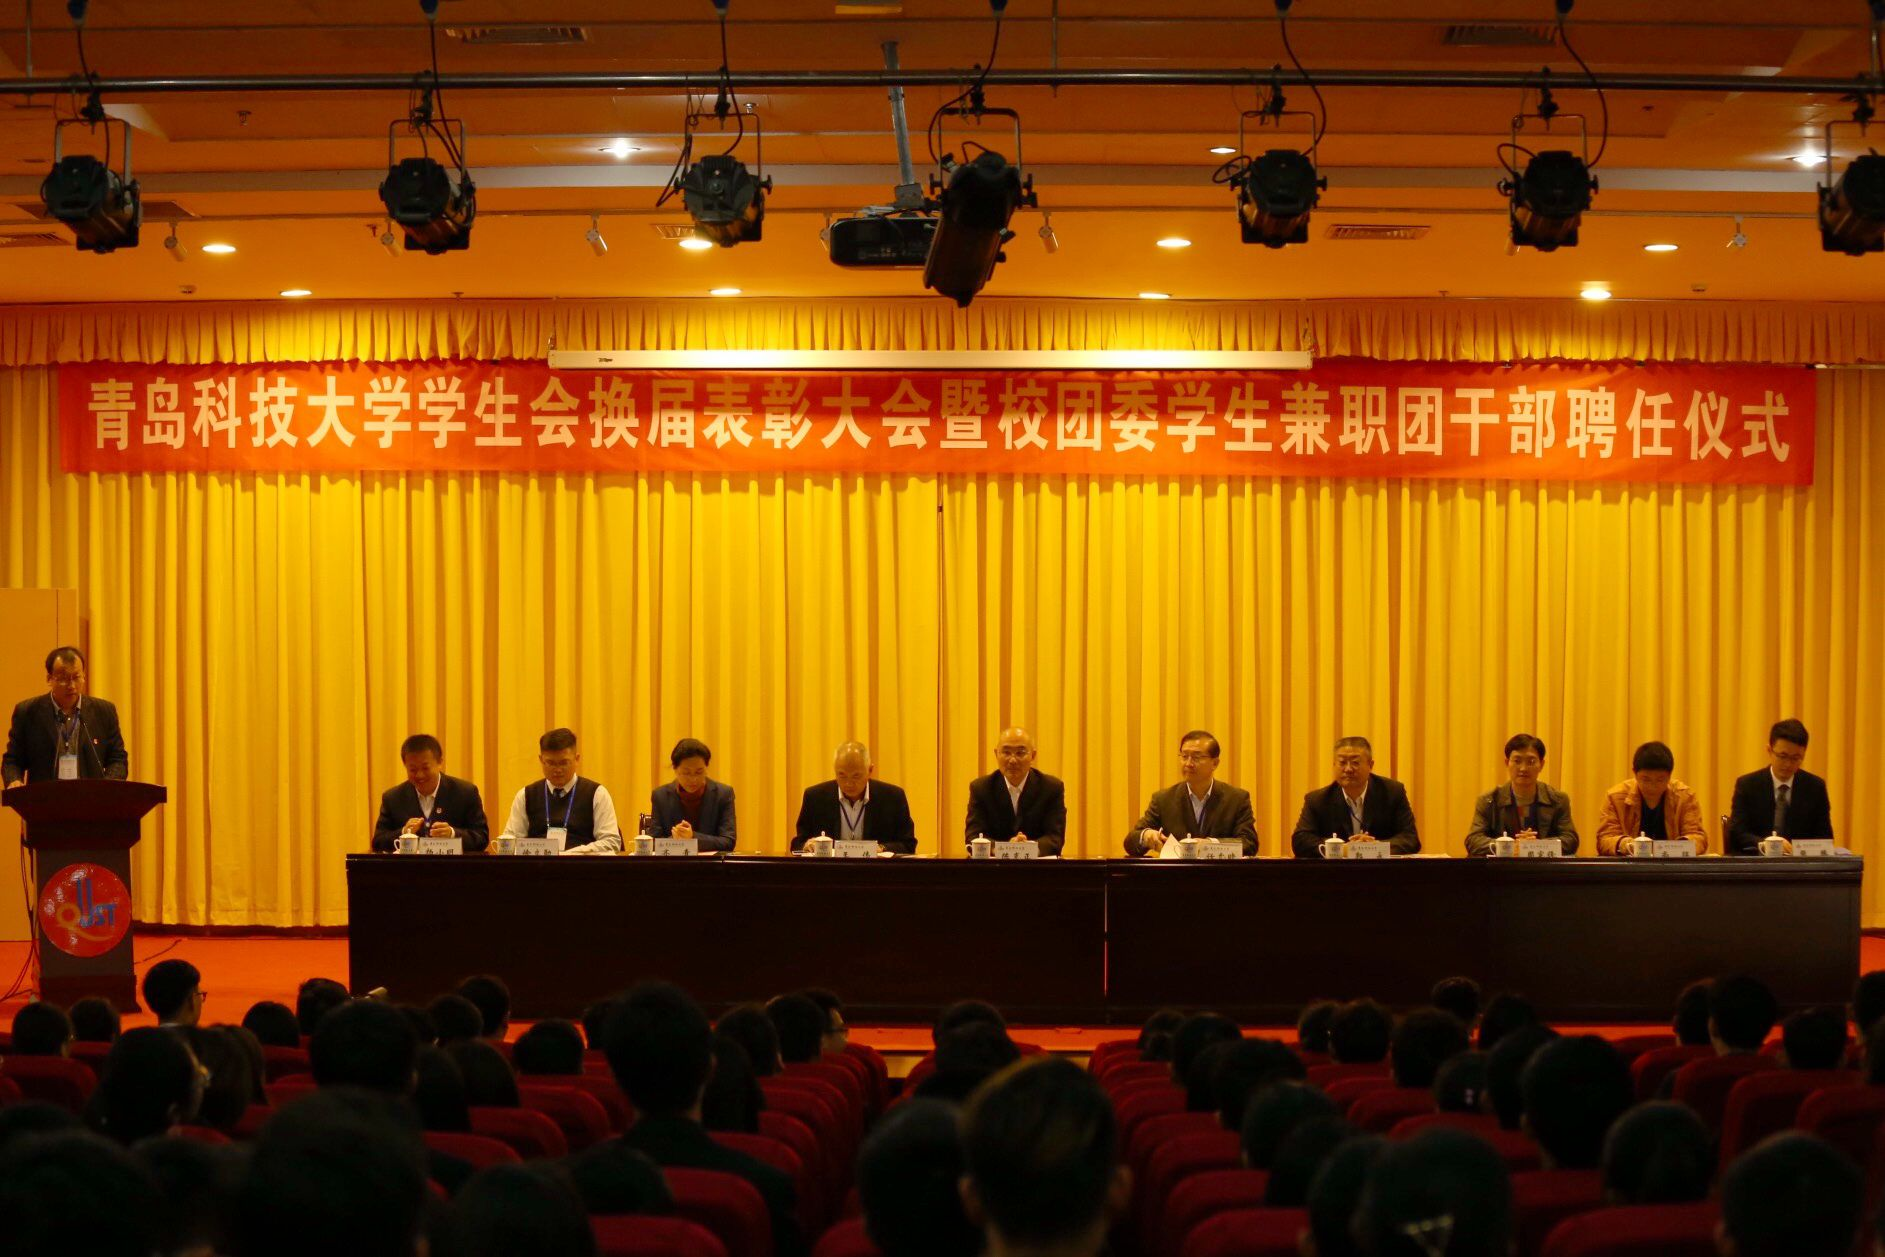 青岛科技大学学生会换届表彰大会暨校团委学生兼职团干部聘任仪式举行